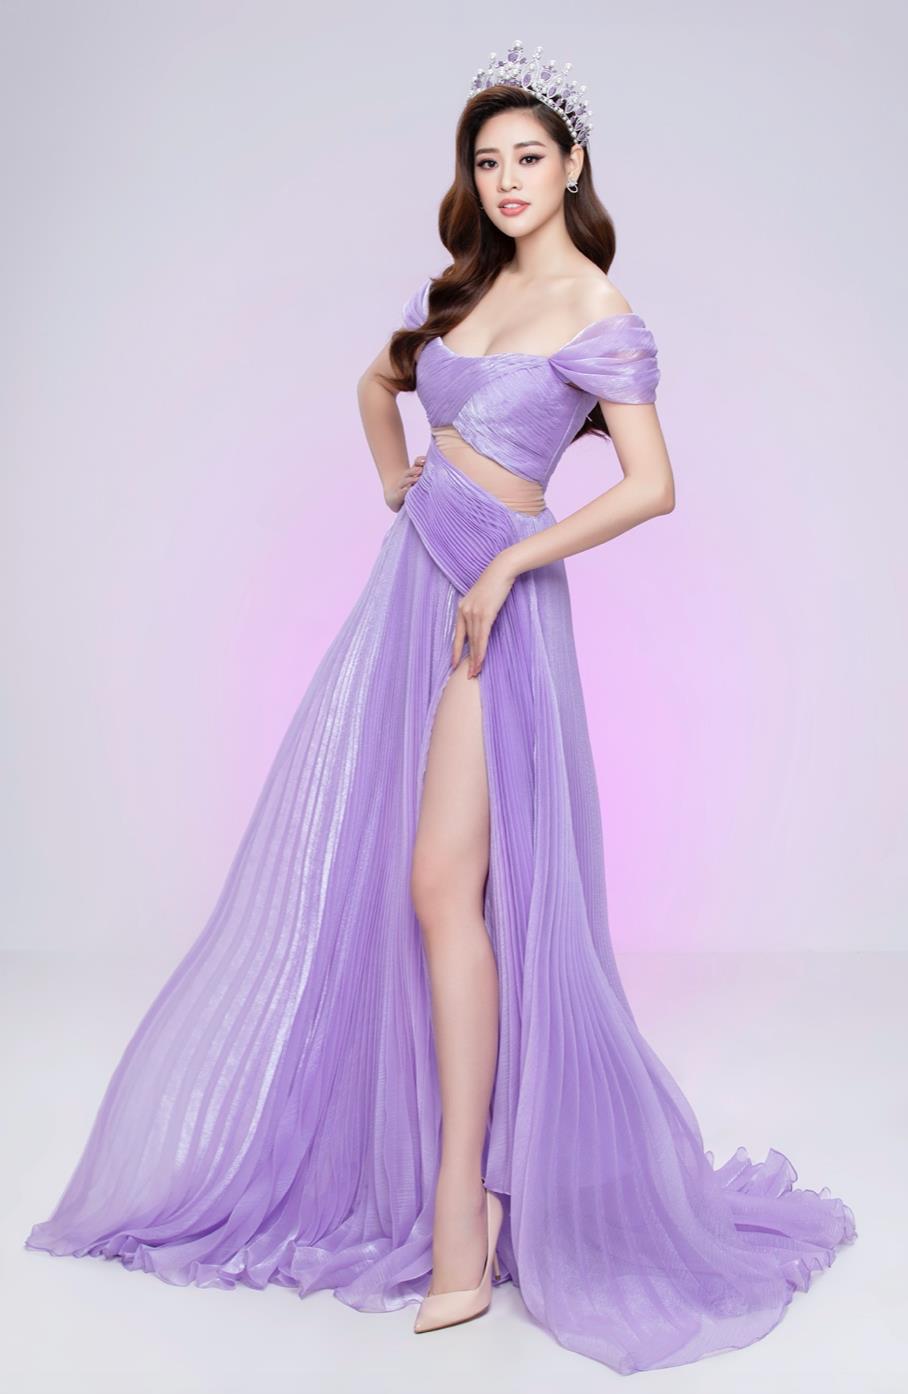 Khánh Vân tự tin, sẵn sàng cho hành trình sắp tới tại Miss Universe 2020 - Ảnh 1.